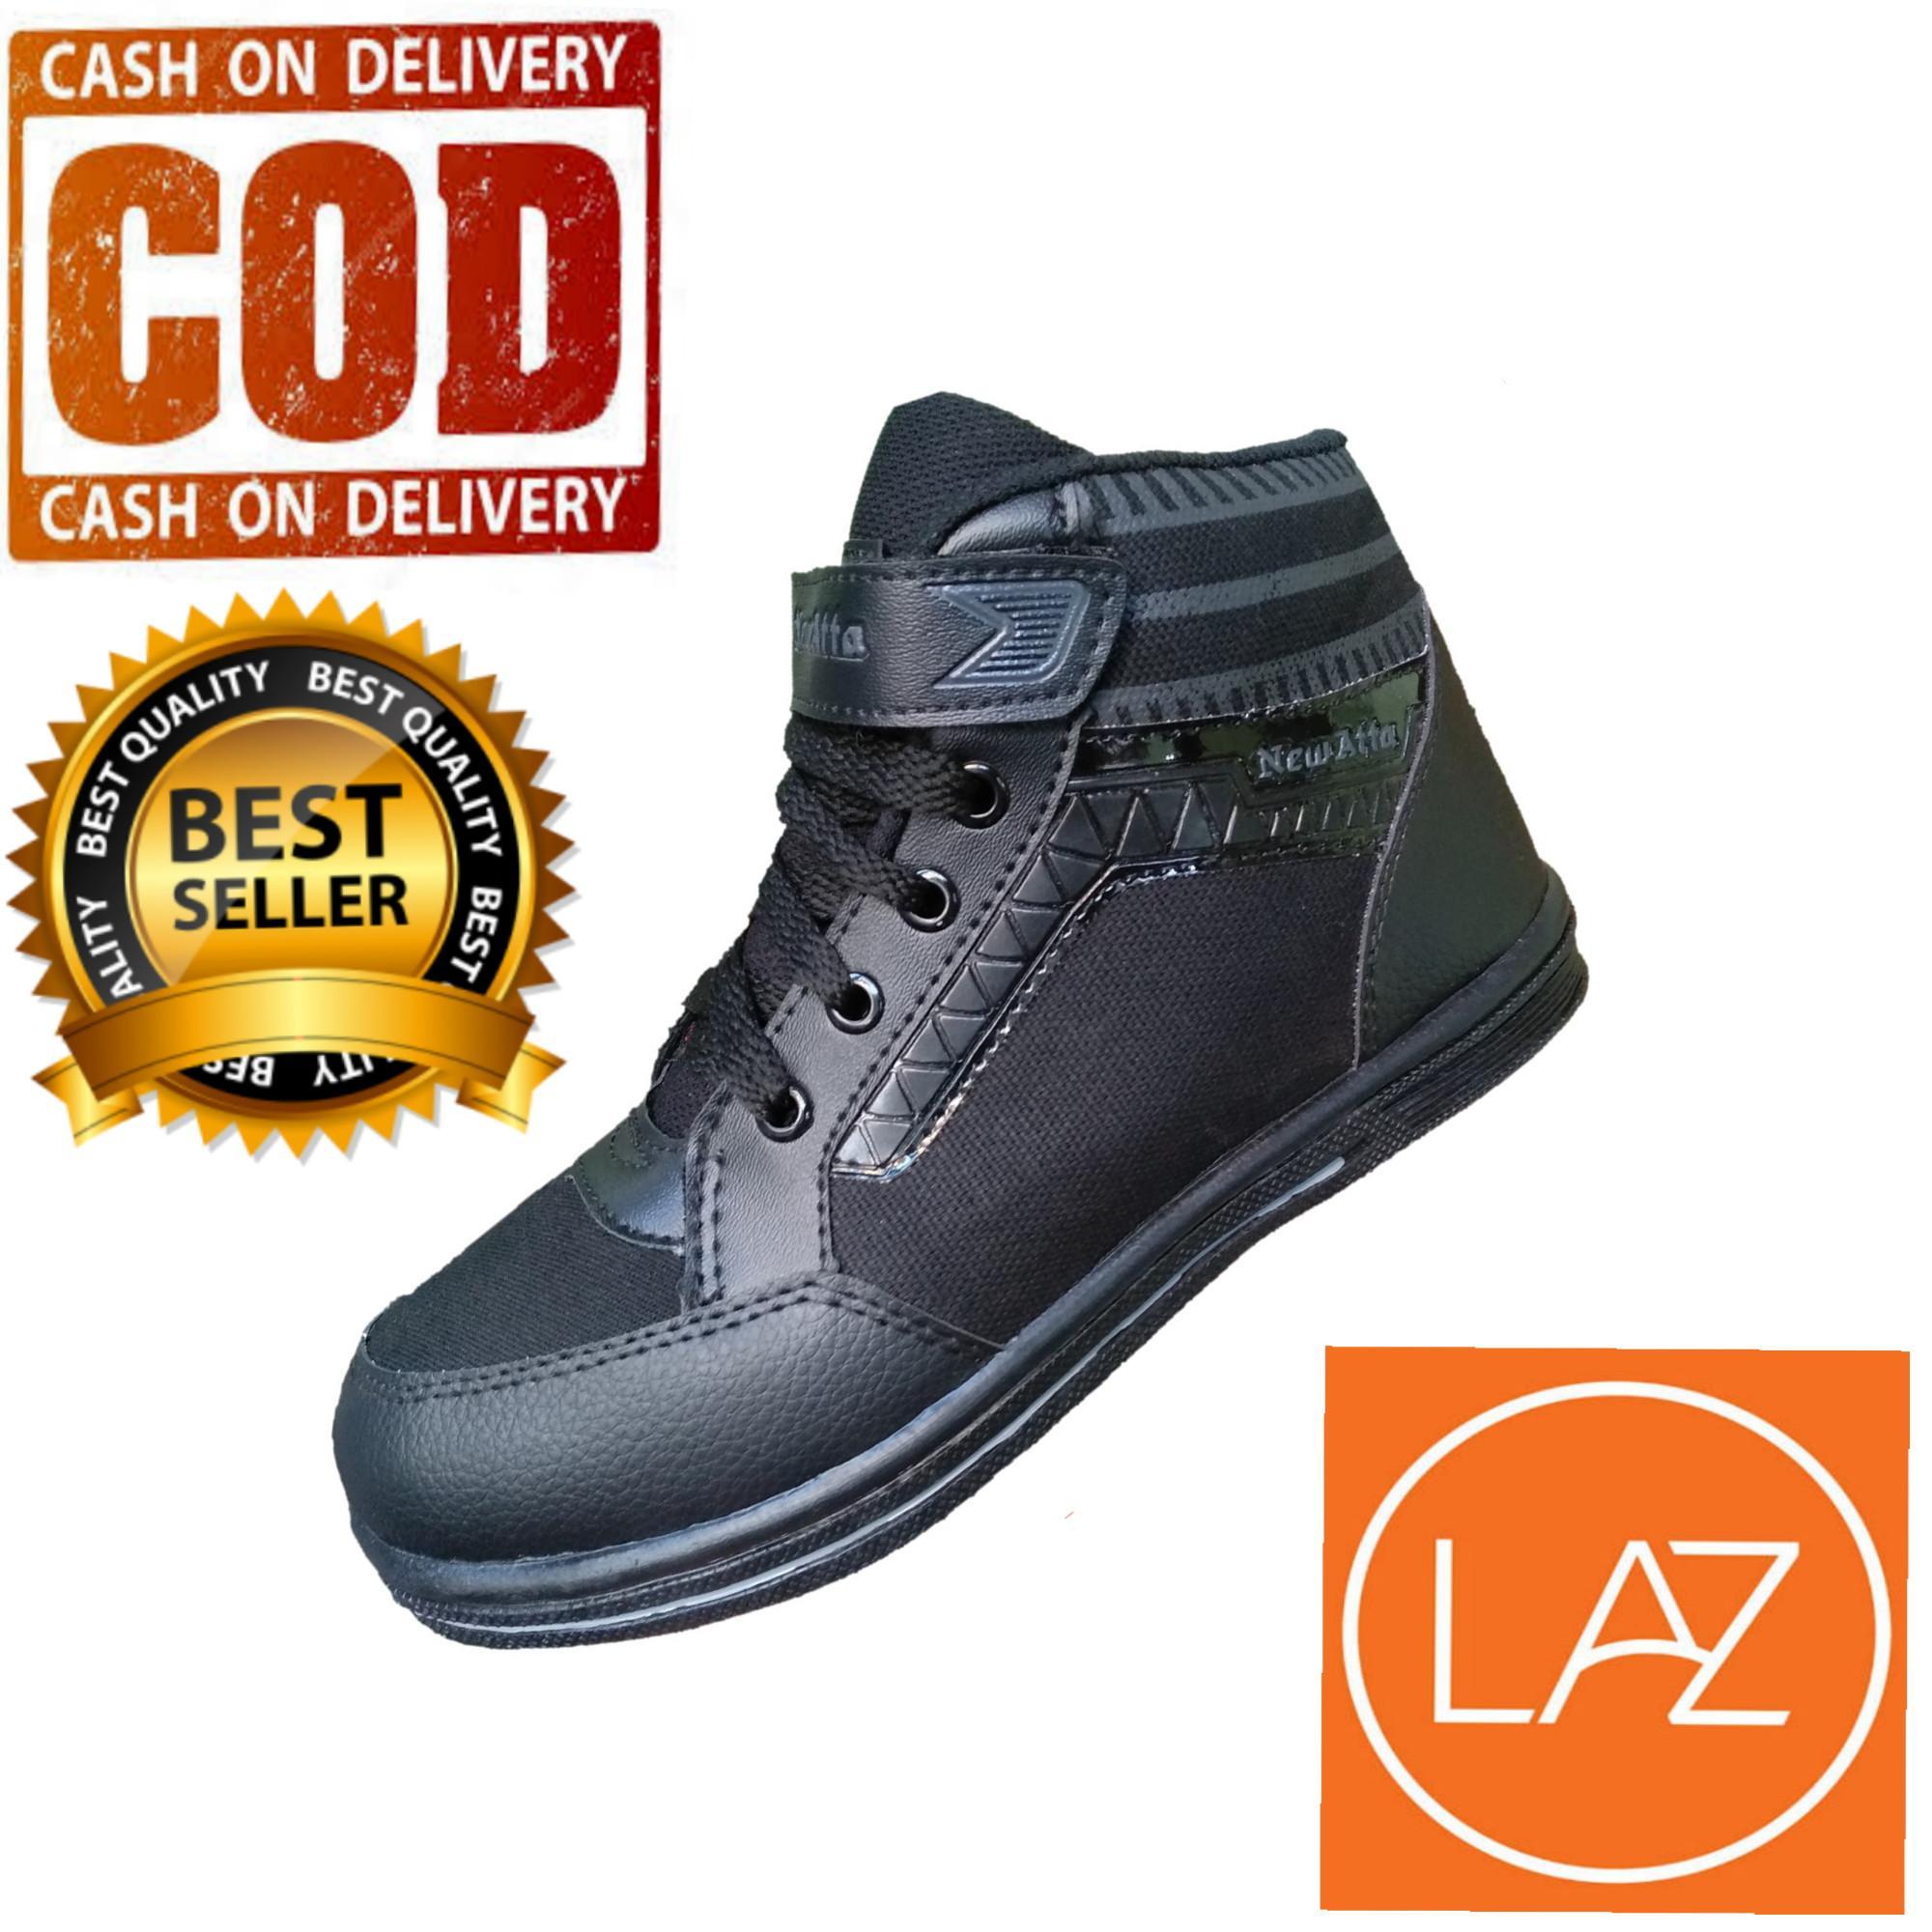 Sepatu Sekolah Anak / Sepatu Sekolah Pria / Sepatu Sekolah Hitam / Sepatu Olaraga Hitam /